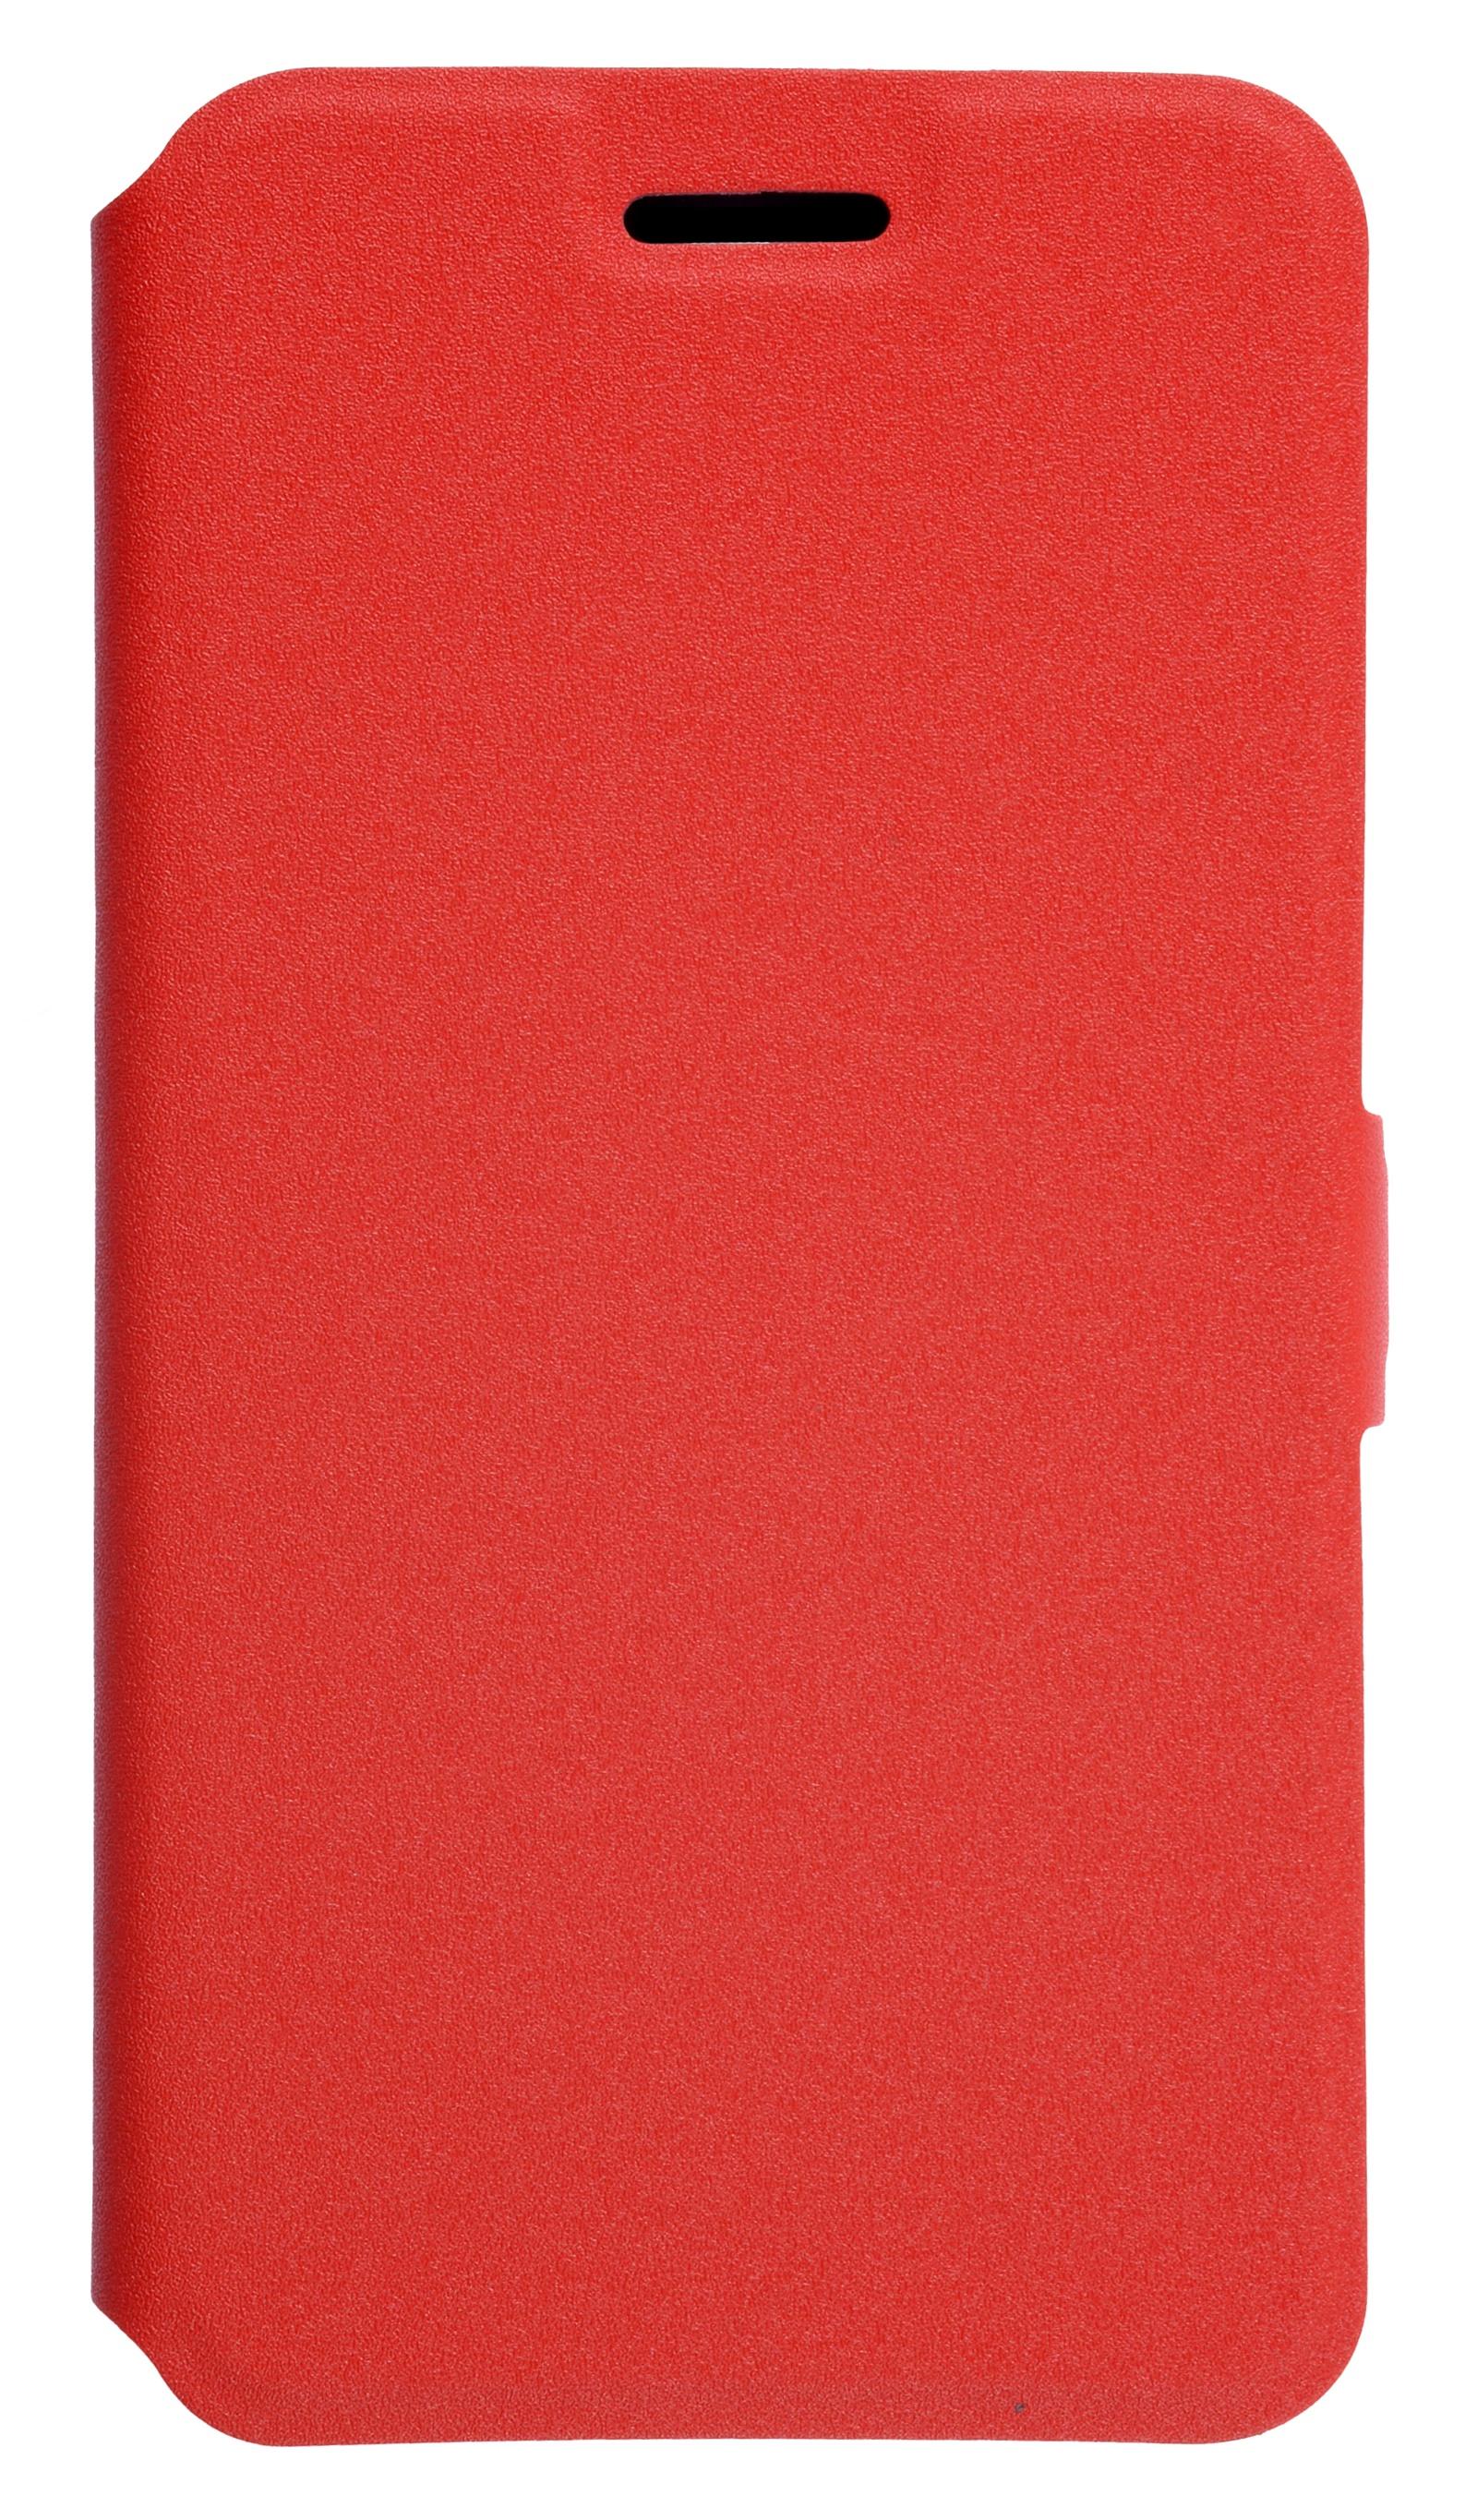 Чехол для сотового телефона PRIME Book, 4660041408744, красный чехол для сотового телефона prime book 4630042523708 красный